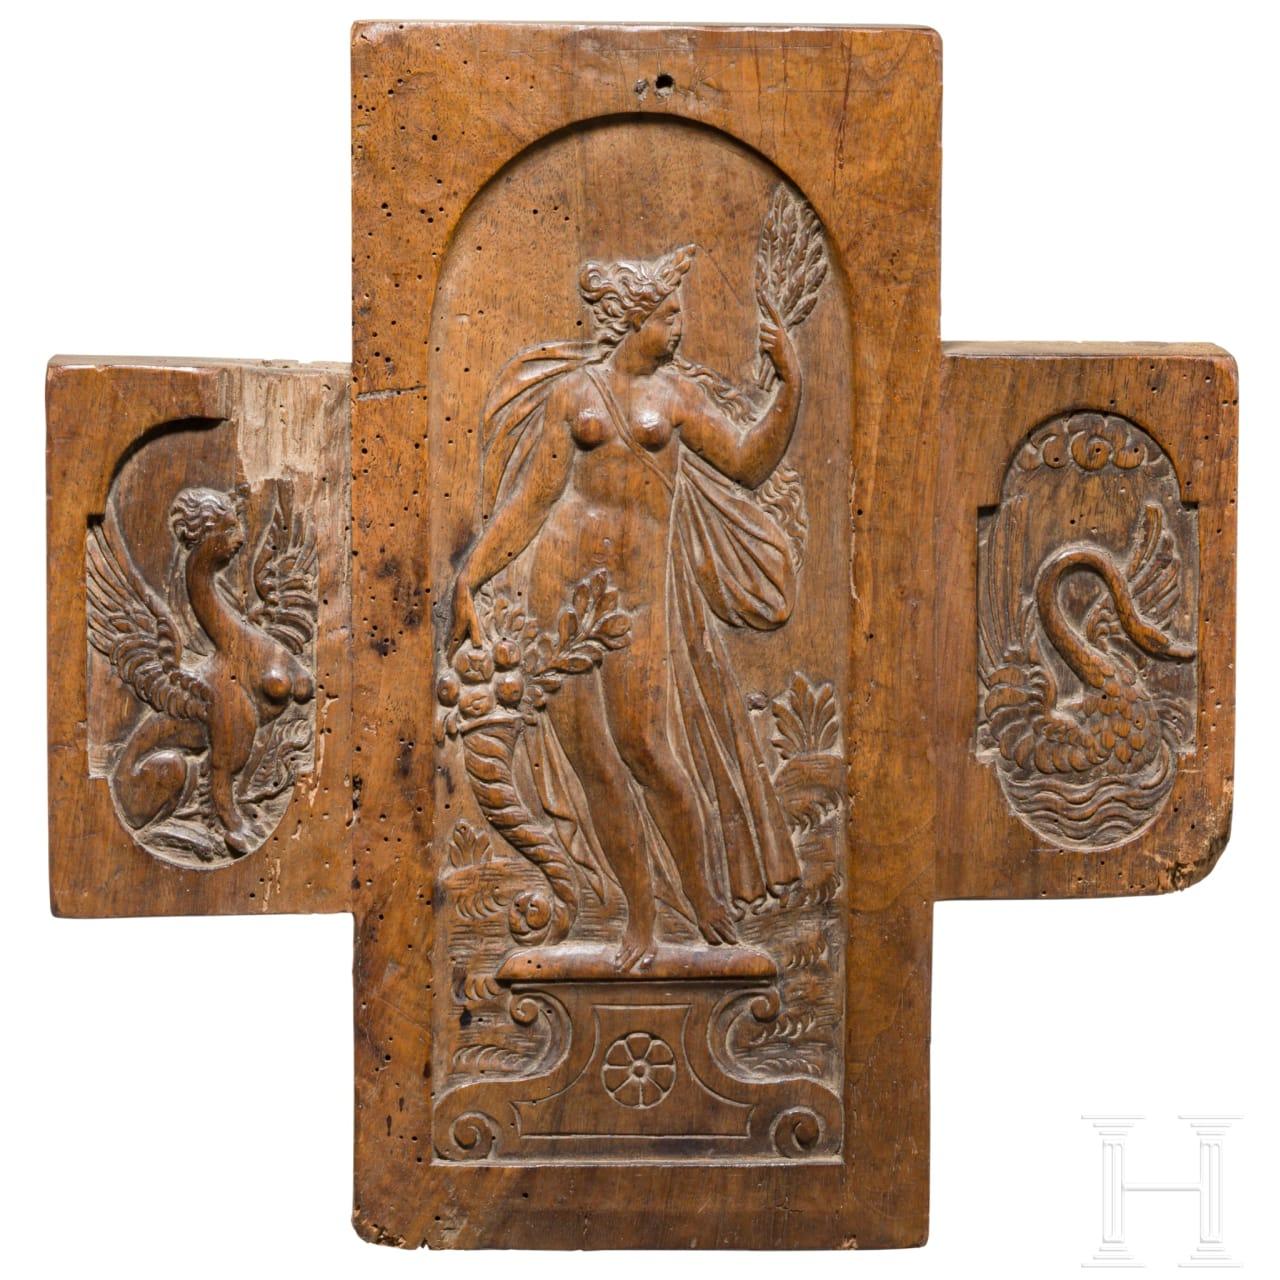 Geschnitztes Möbelpaneel mit Darstellung der Göttin Ceres, norddeutsch oder flämisch, um 1600